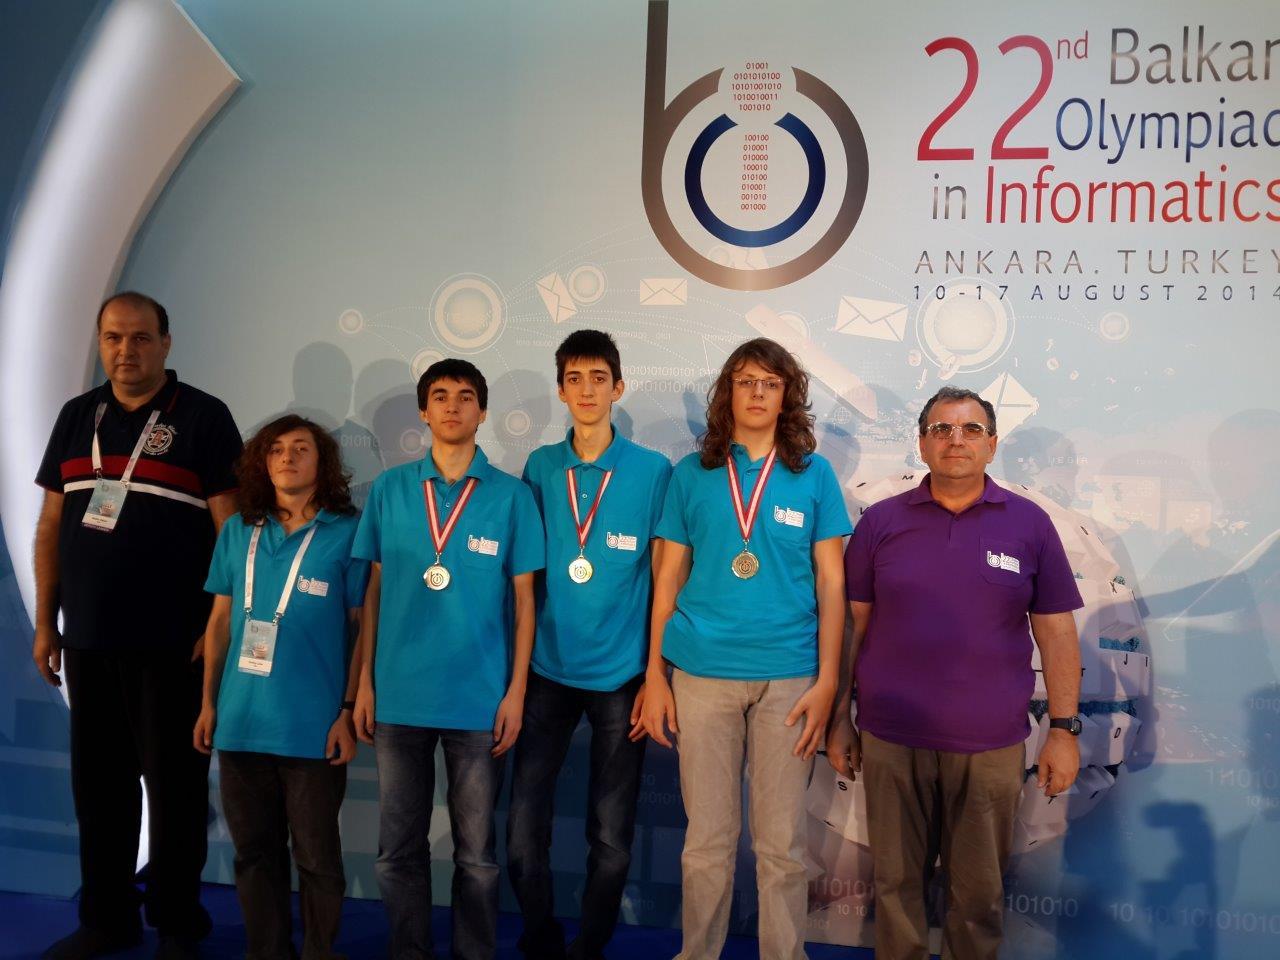 Избран е отборът по информатика, който ще представи България на Балканската олимпиада